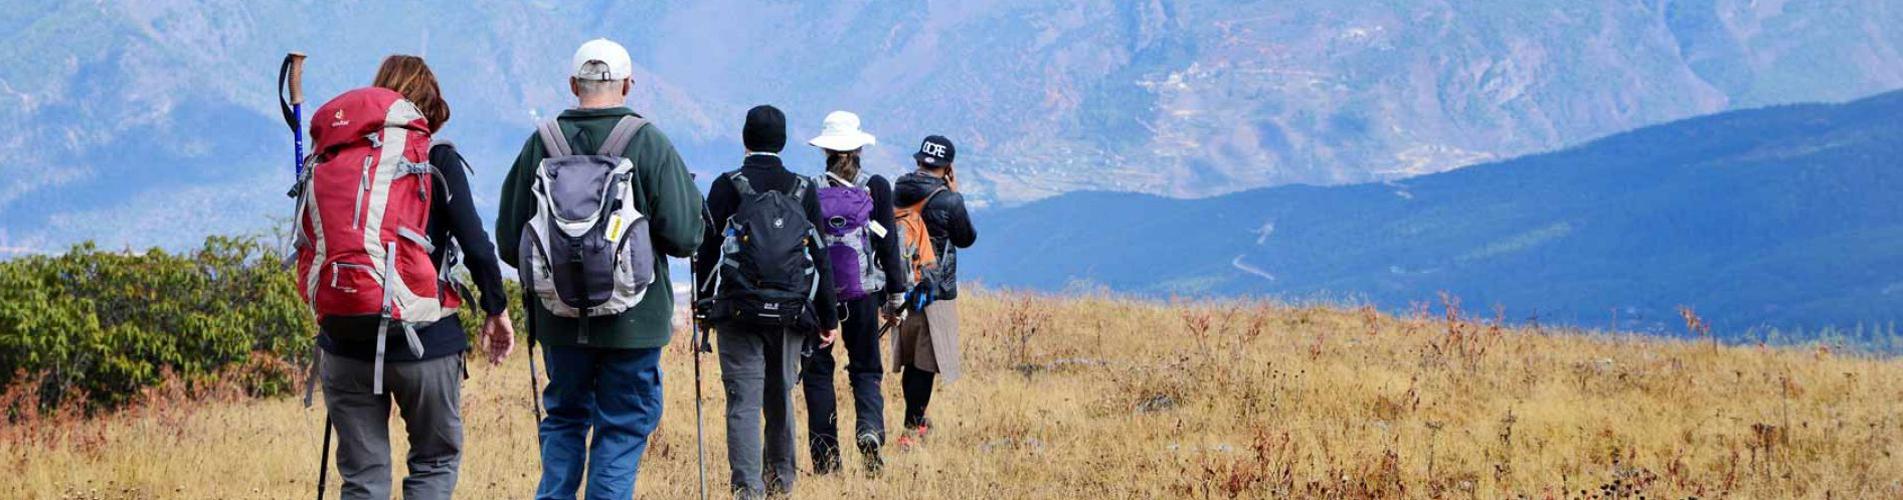 Wanderferien und Wanderreisen weltweit